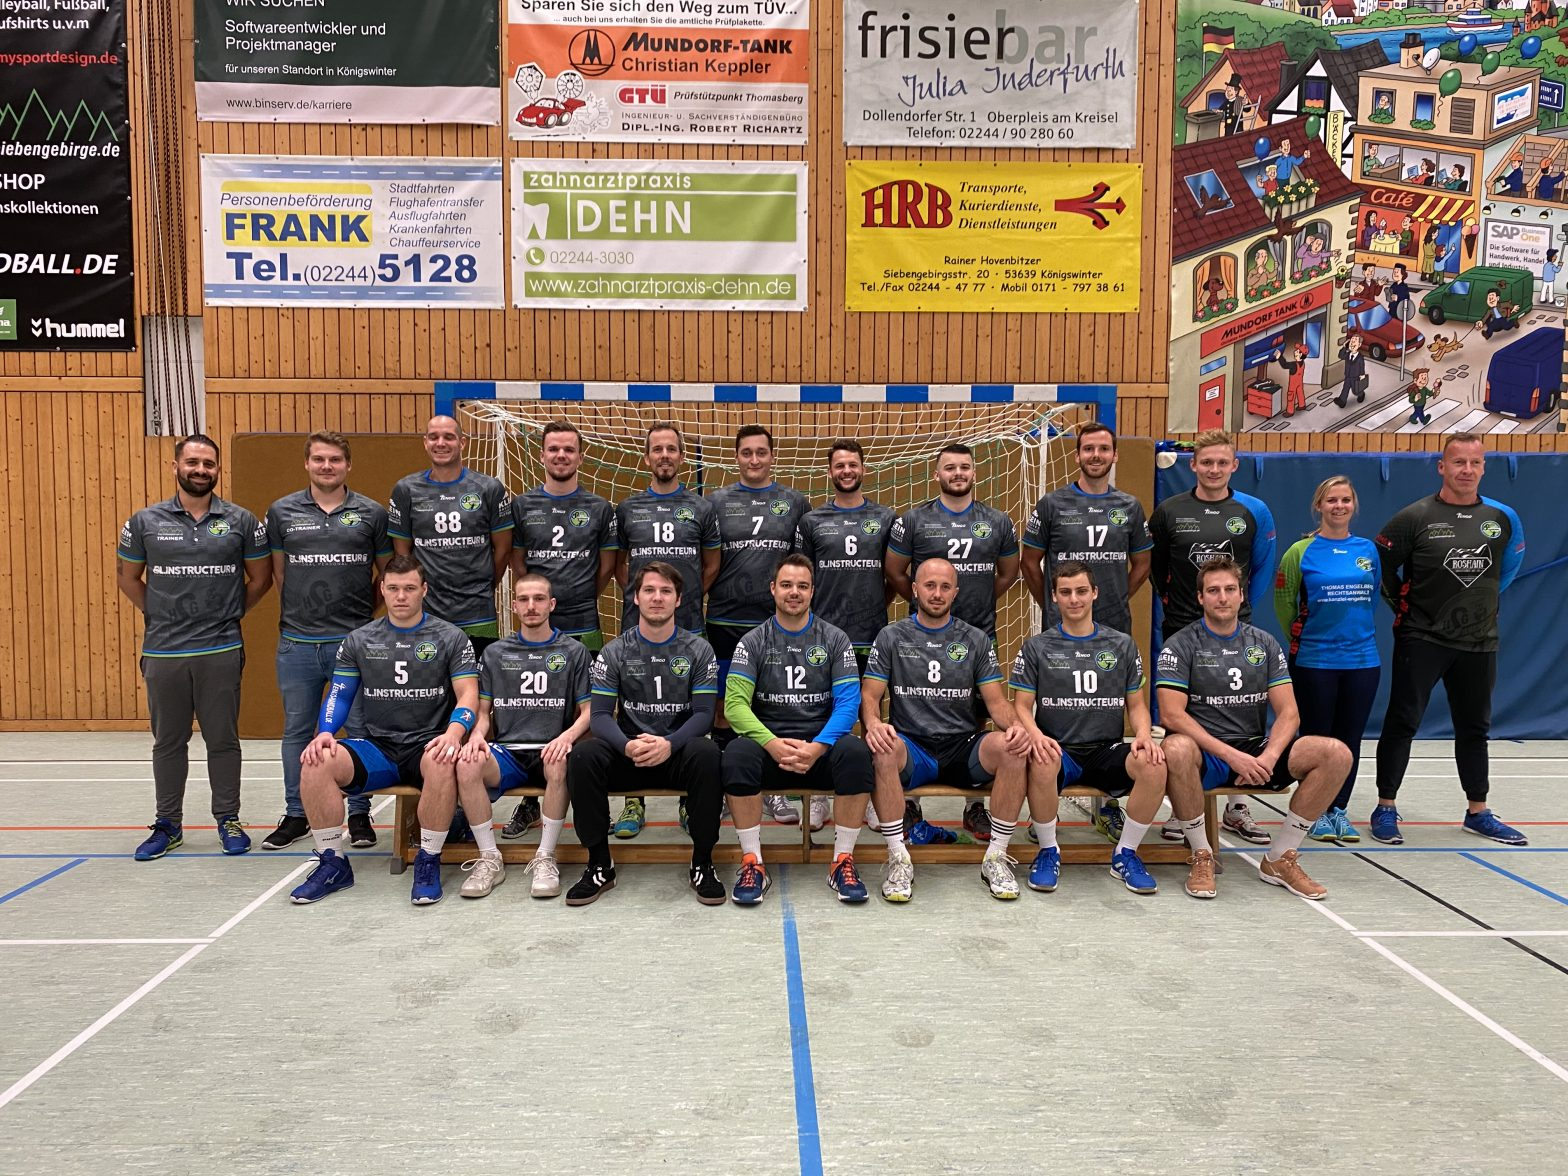 HSG2021 Herren 3 Team Heimspiel1 1